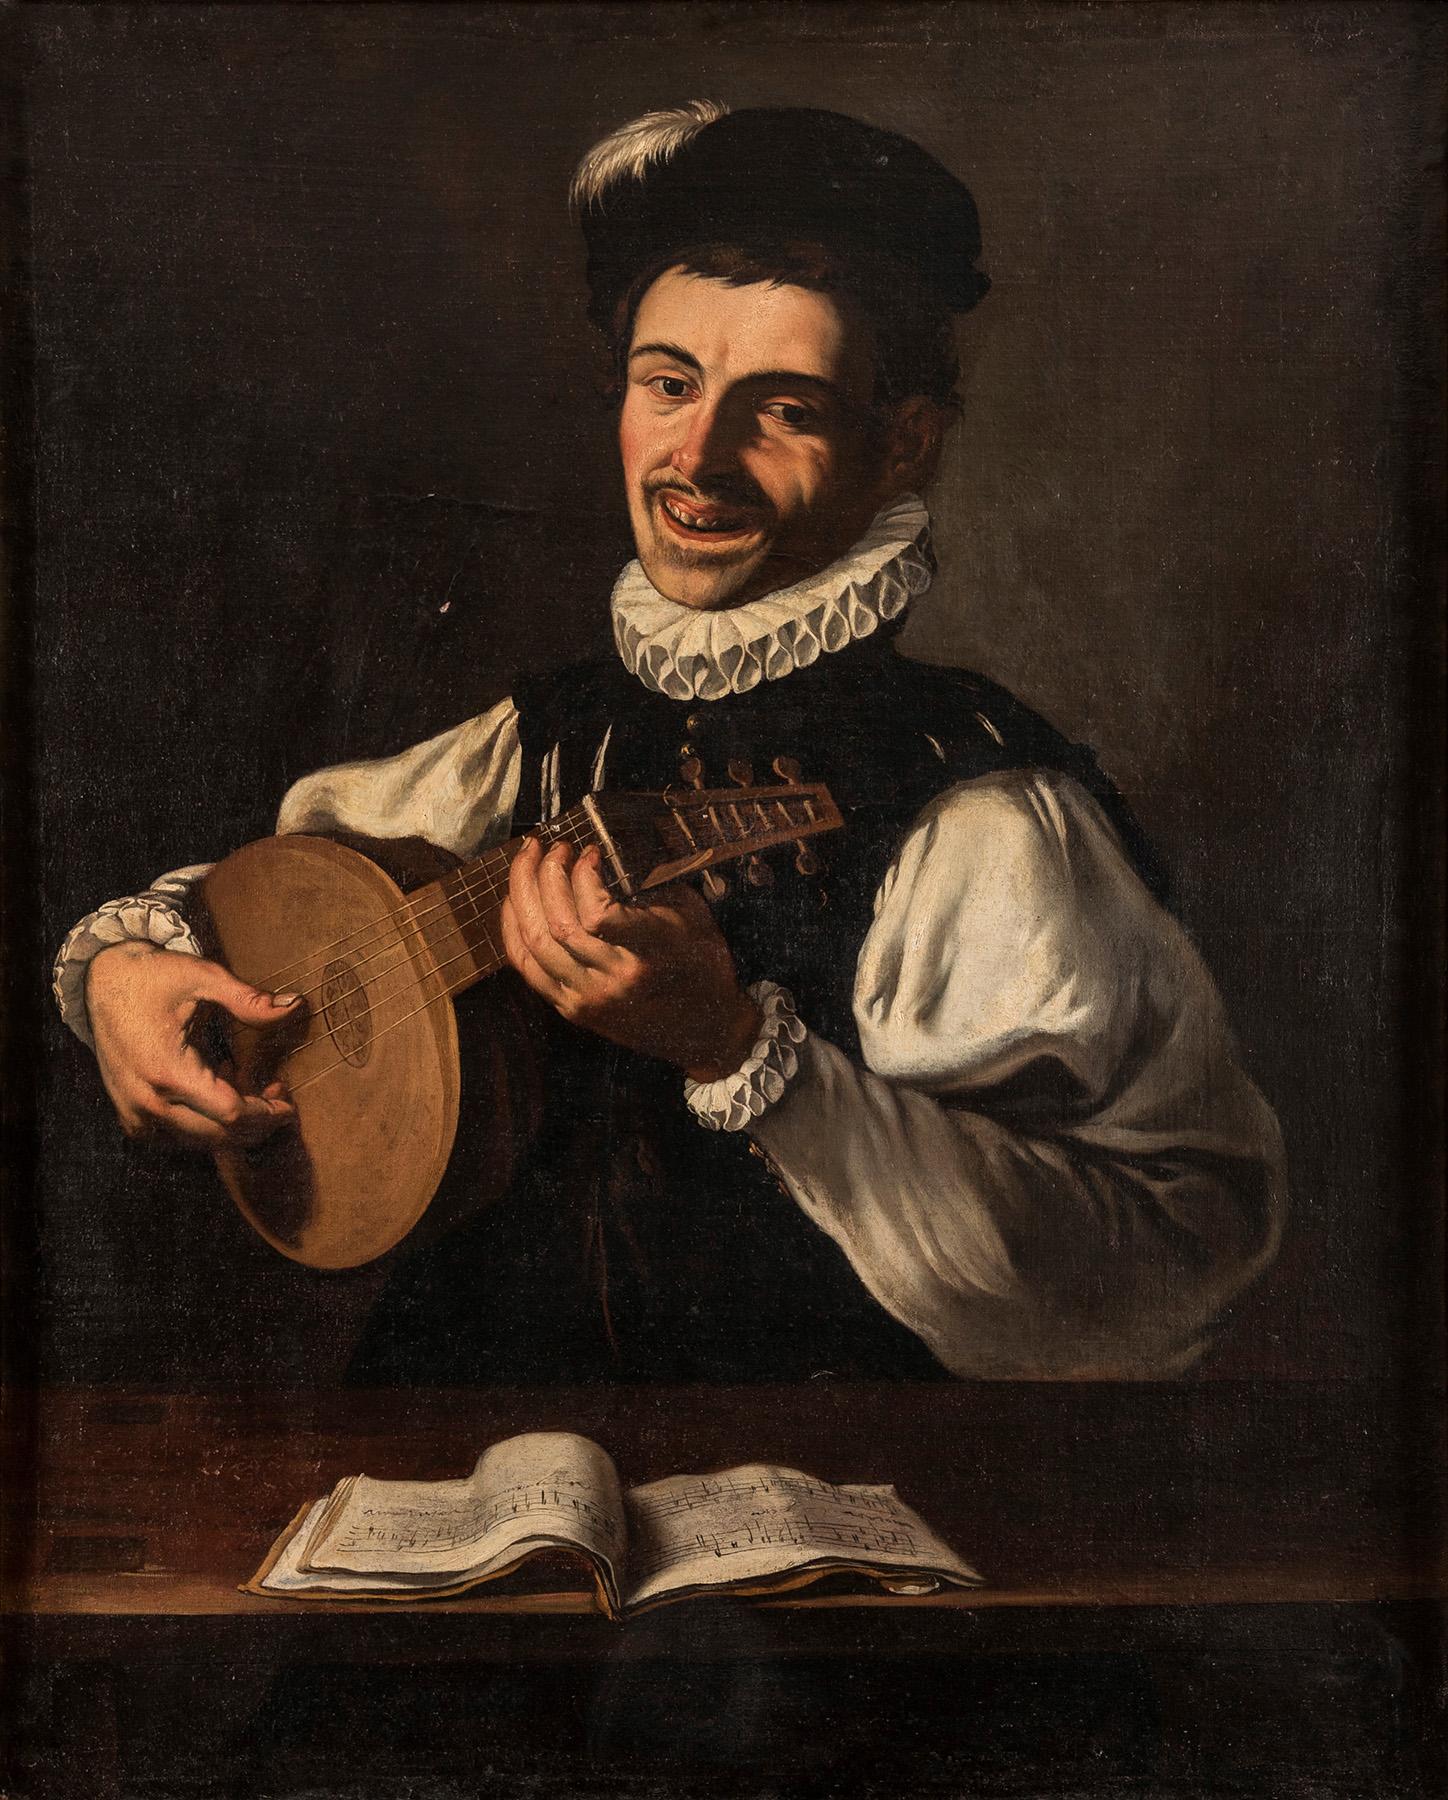 Escuela-esp-S.XVII-segun-Jose-de-Ribera-Trovador-con-laud-alegoria-del-oido